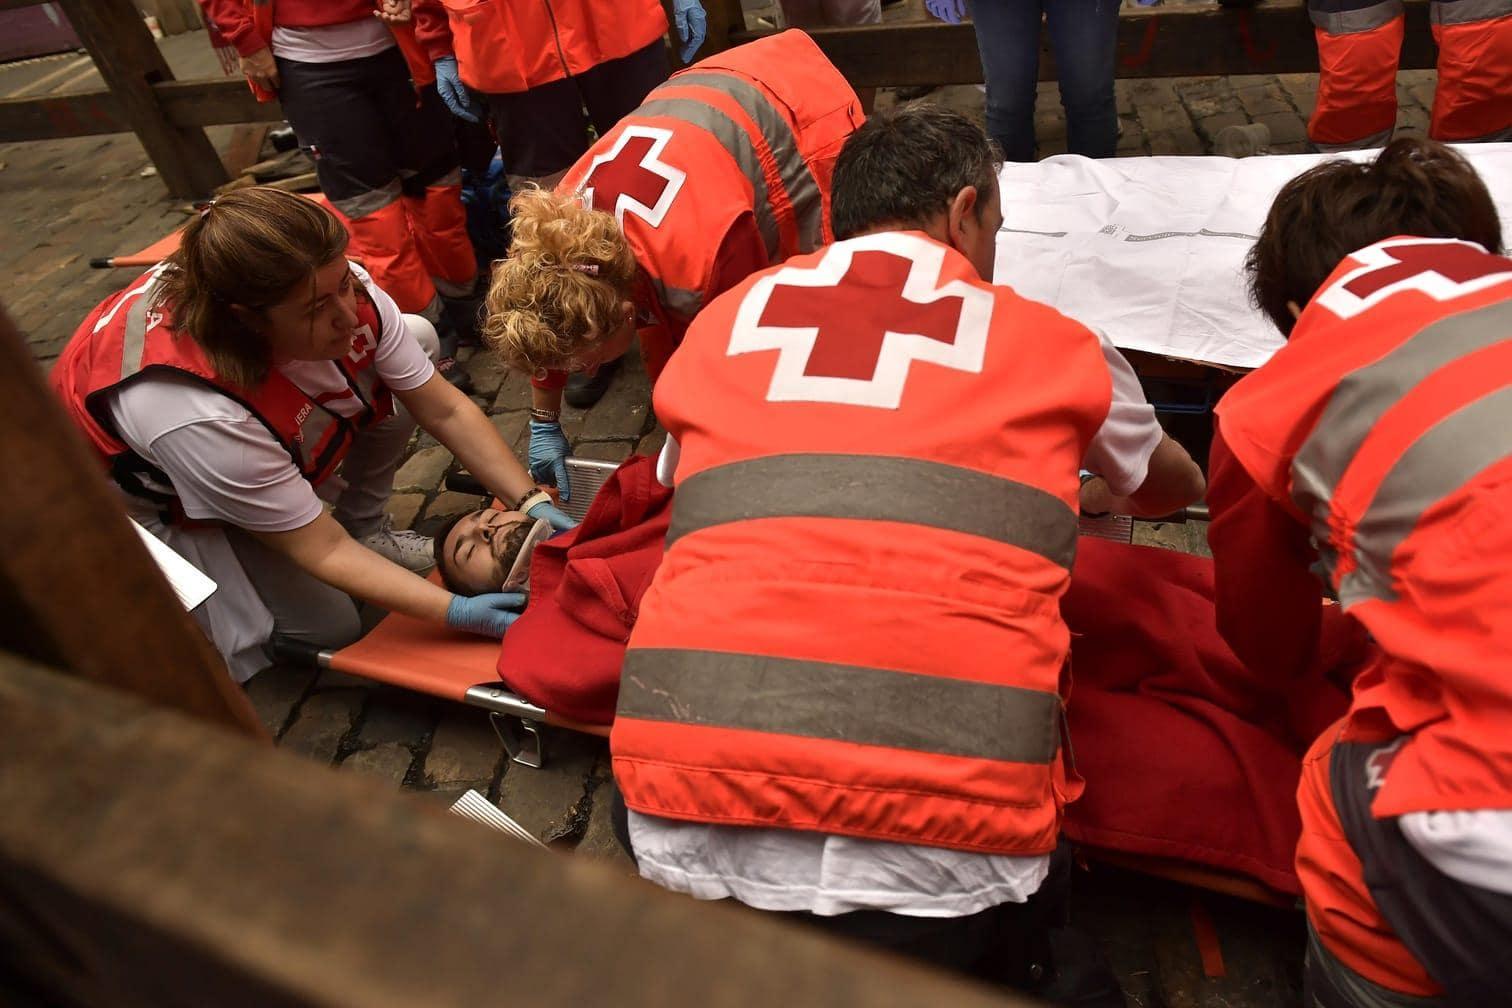 <p>Ein 19 Jahre alter Spanier wurde von einem Bullen an der linken Achselhöhle aufgespießt und kurz mitgezerrt.</p> Foto: dpa